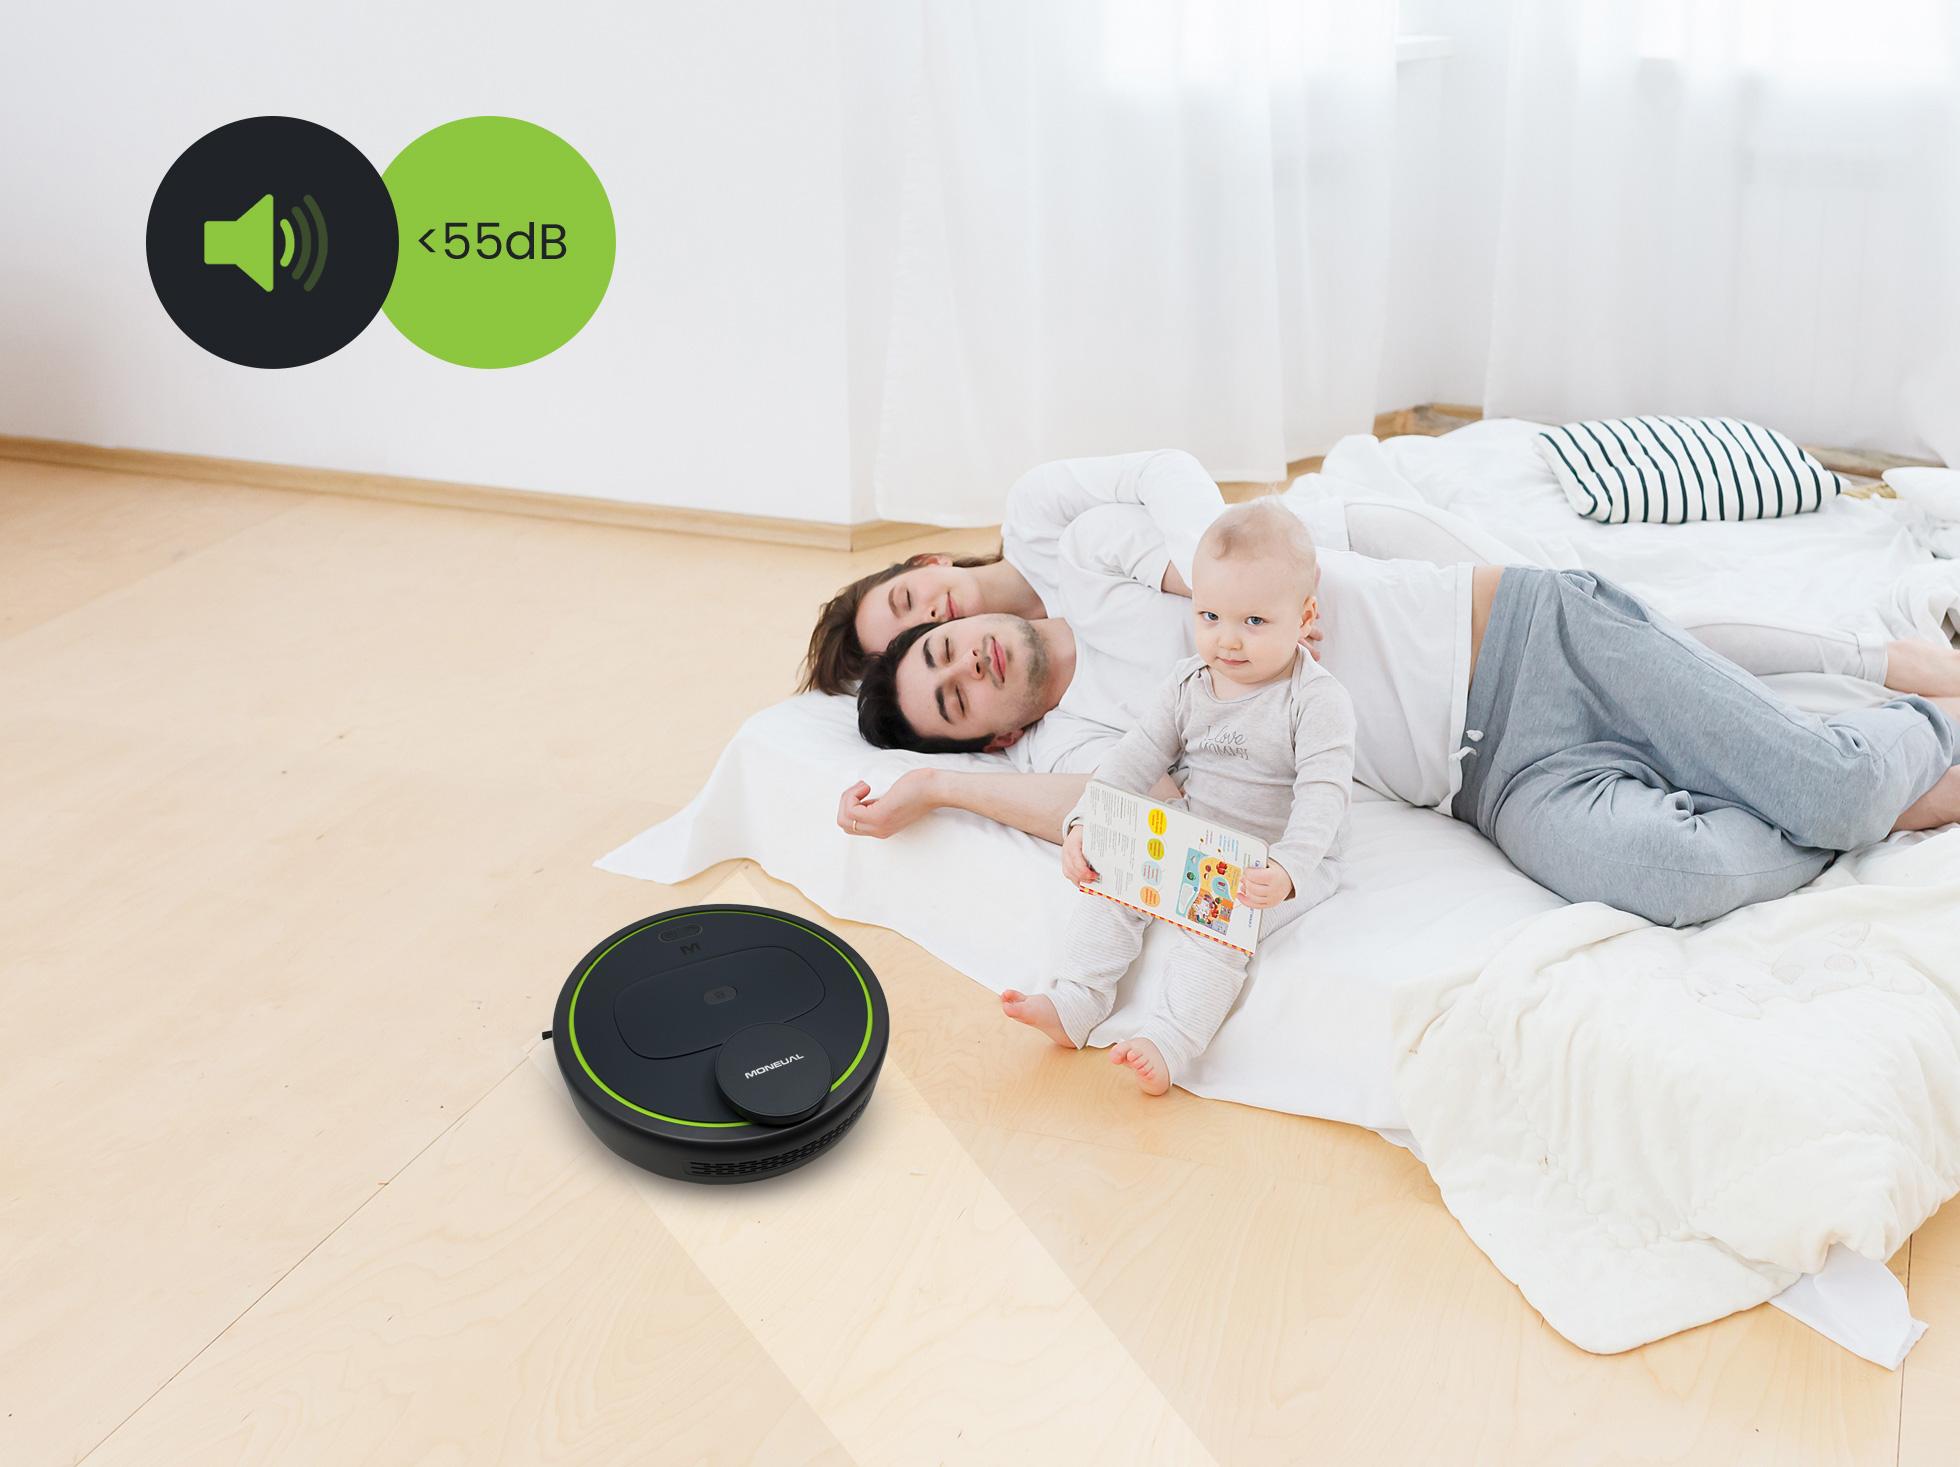 Mbot 950 jest cichy dzięki temu rodzna odpoczywa a robot sprazta nie przeszkadzająć im w relaksie